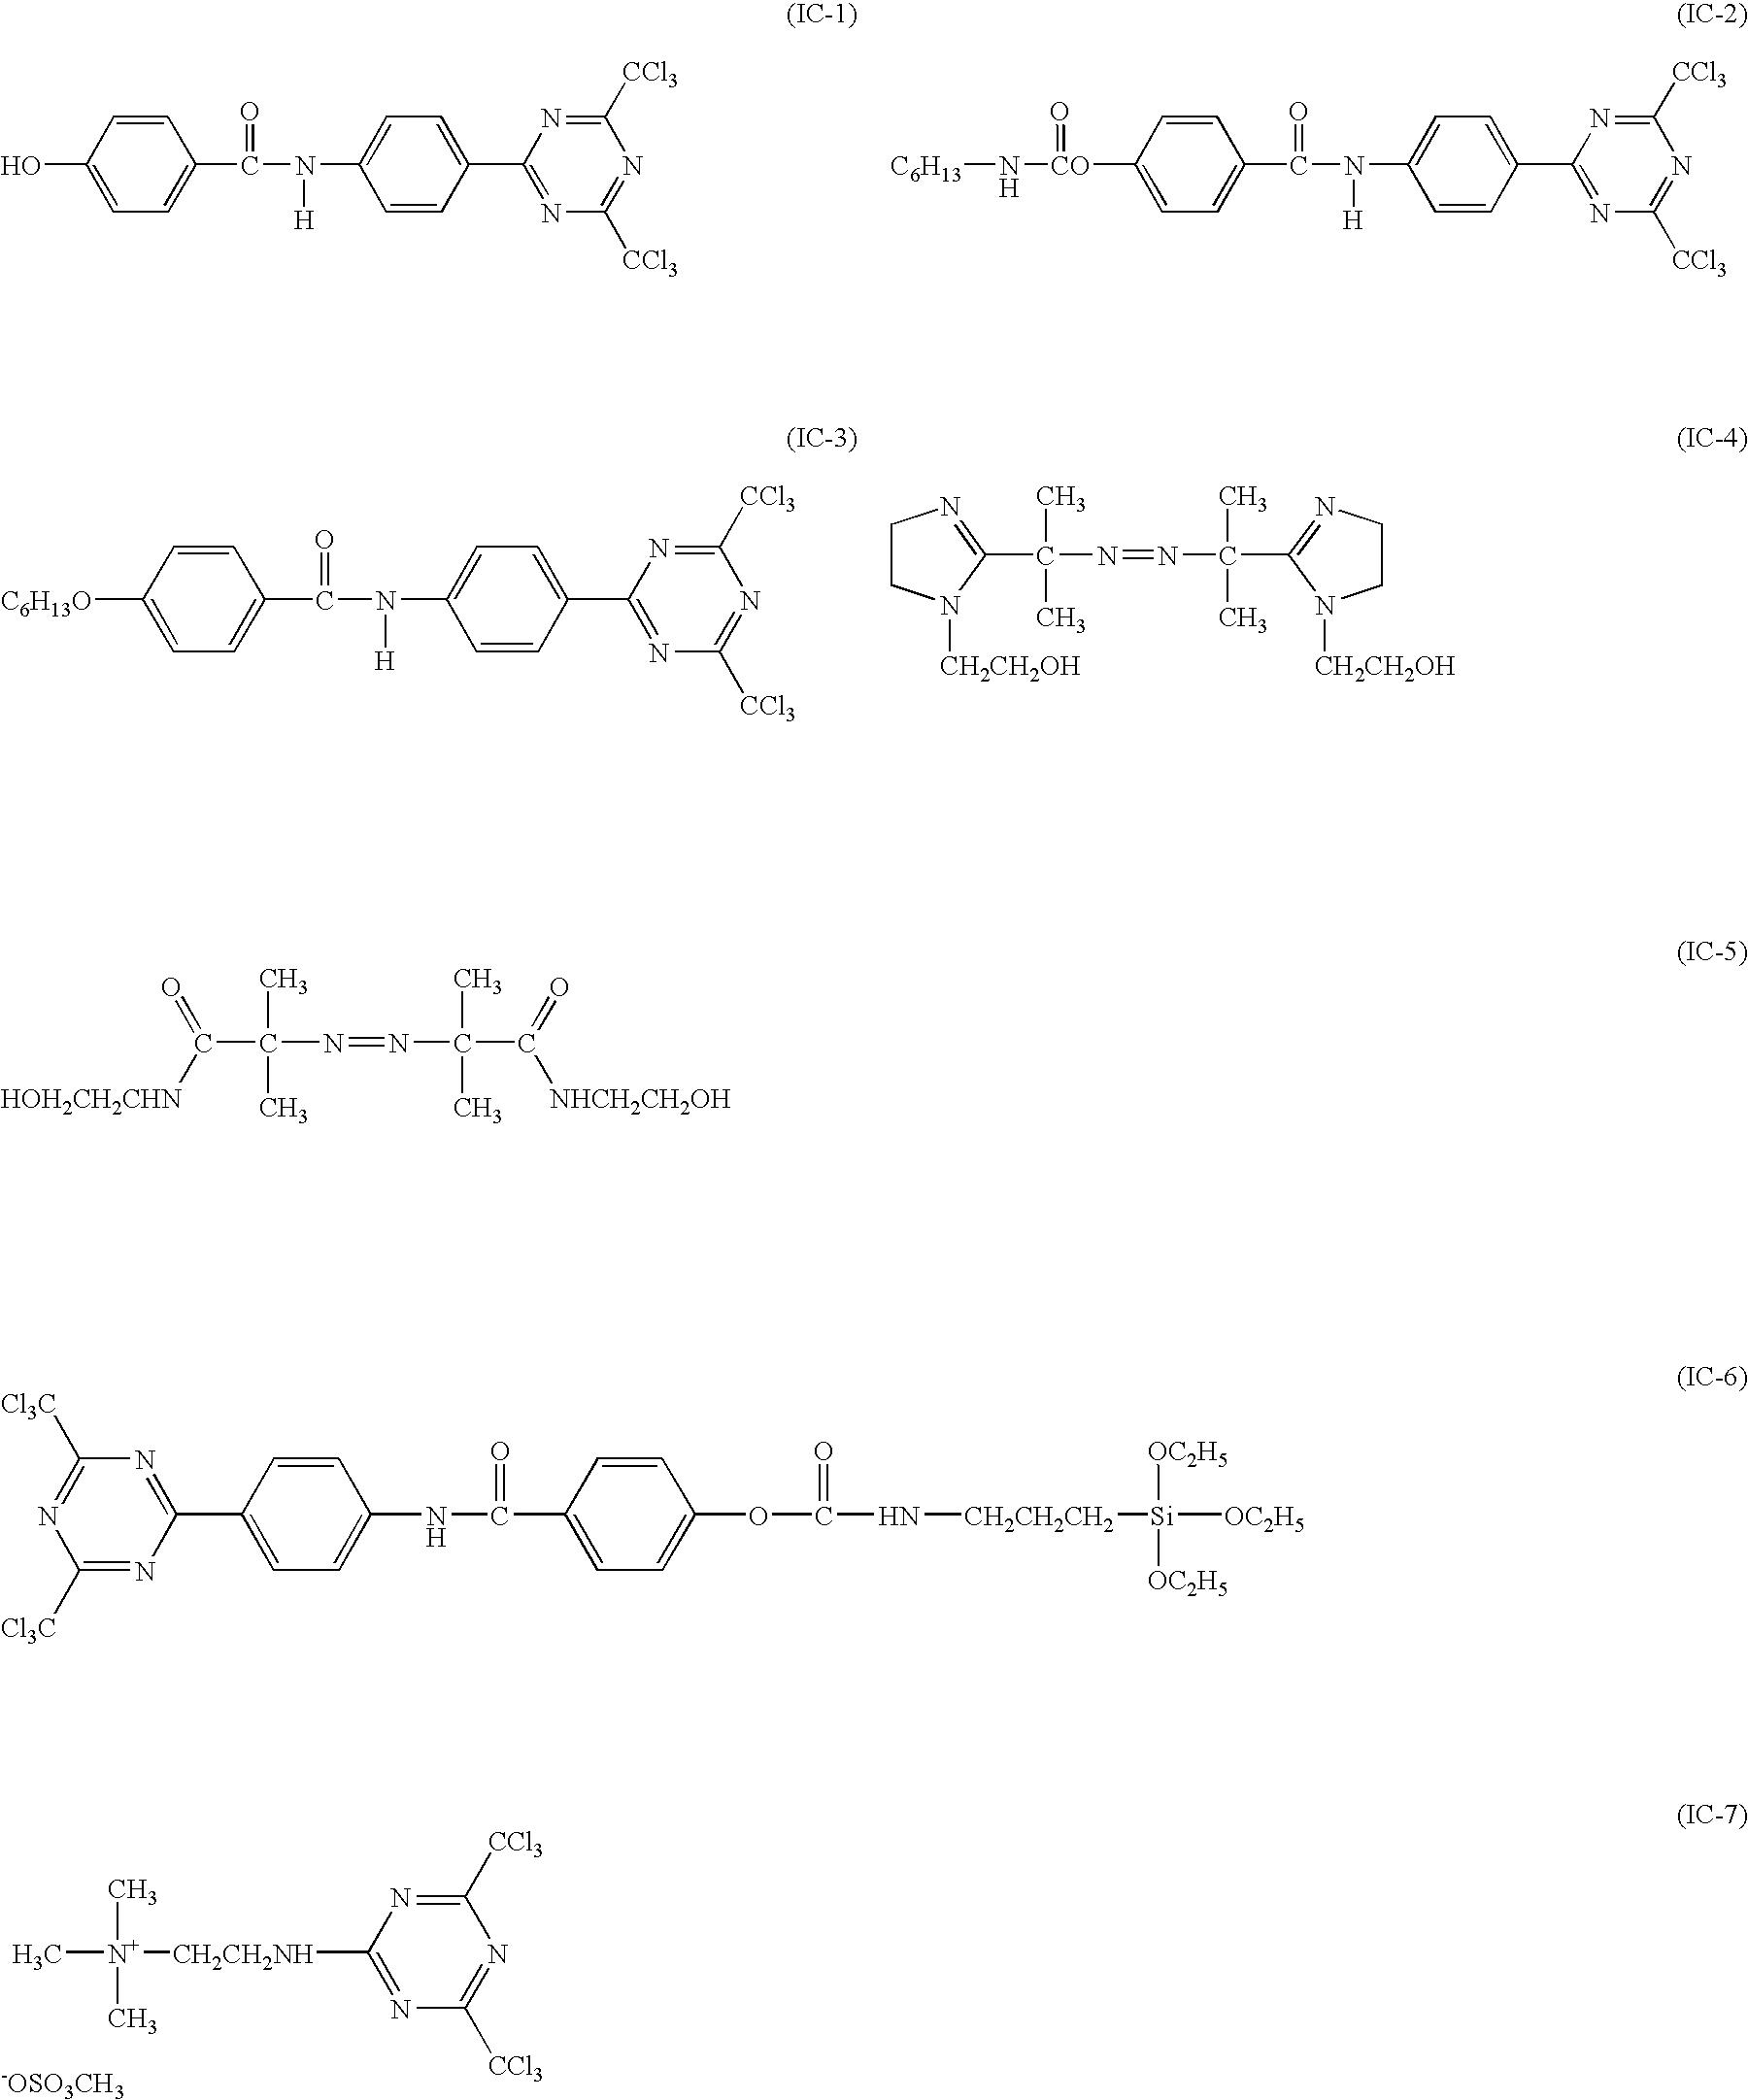 Figure US20080038472A1-20080214-C00065